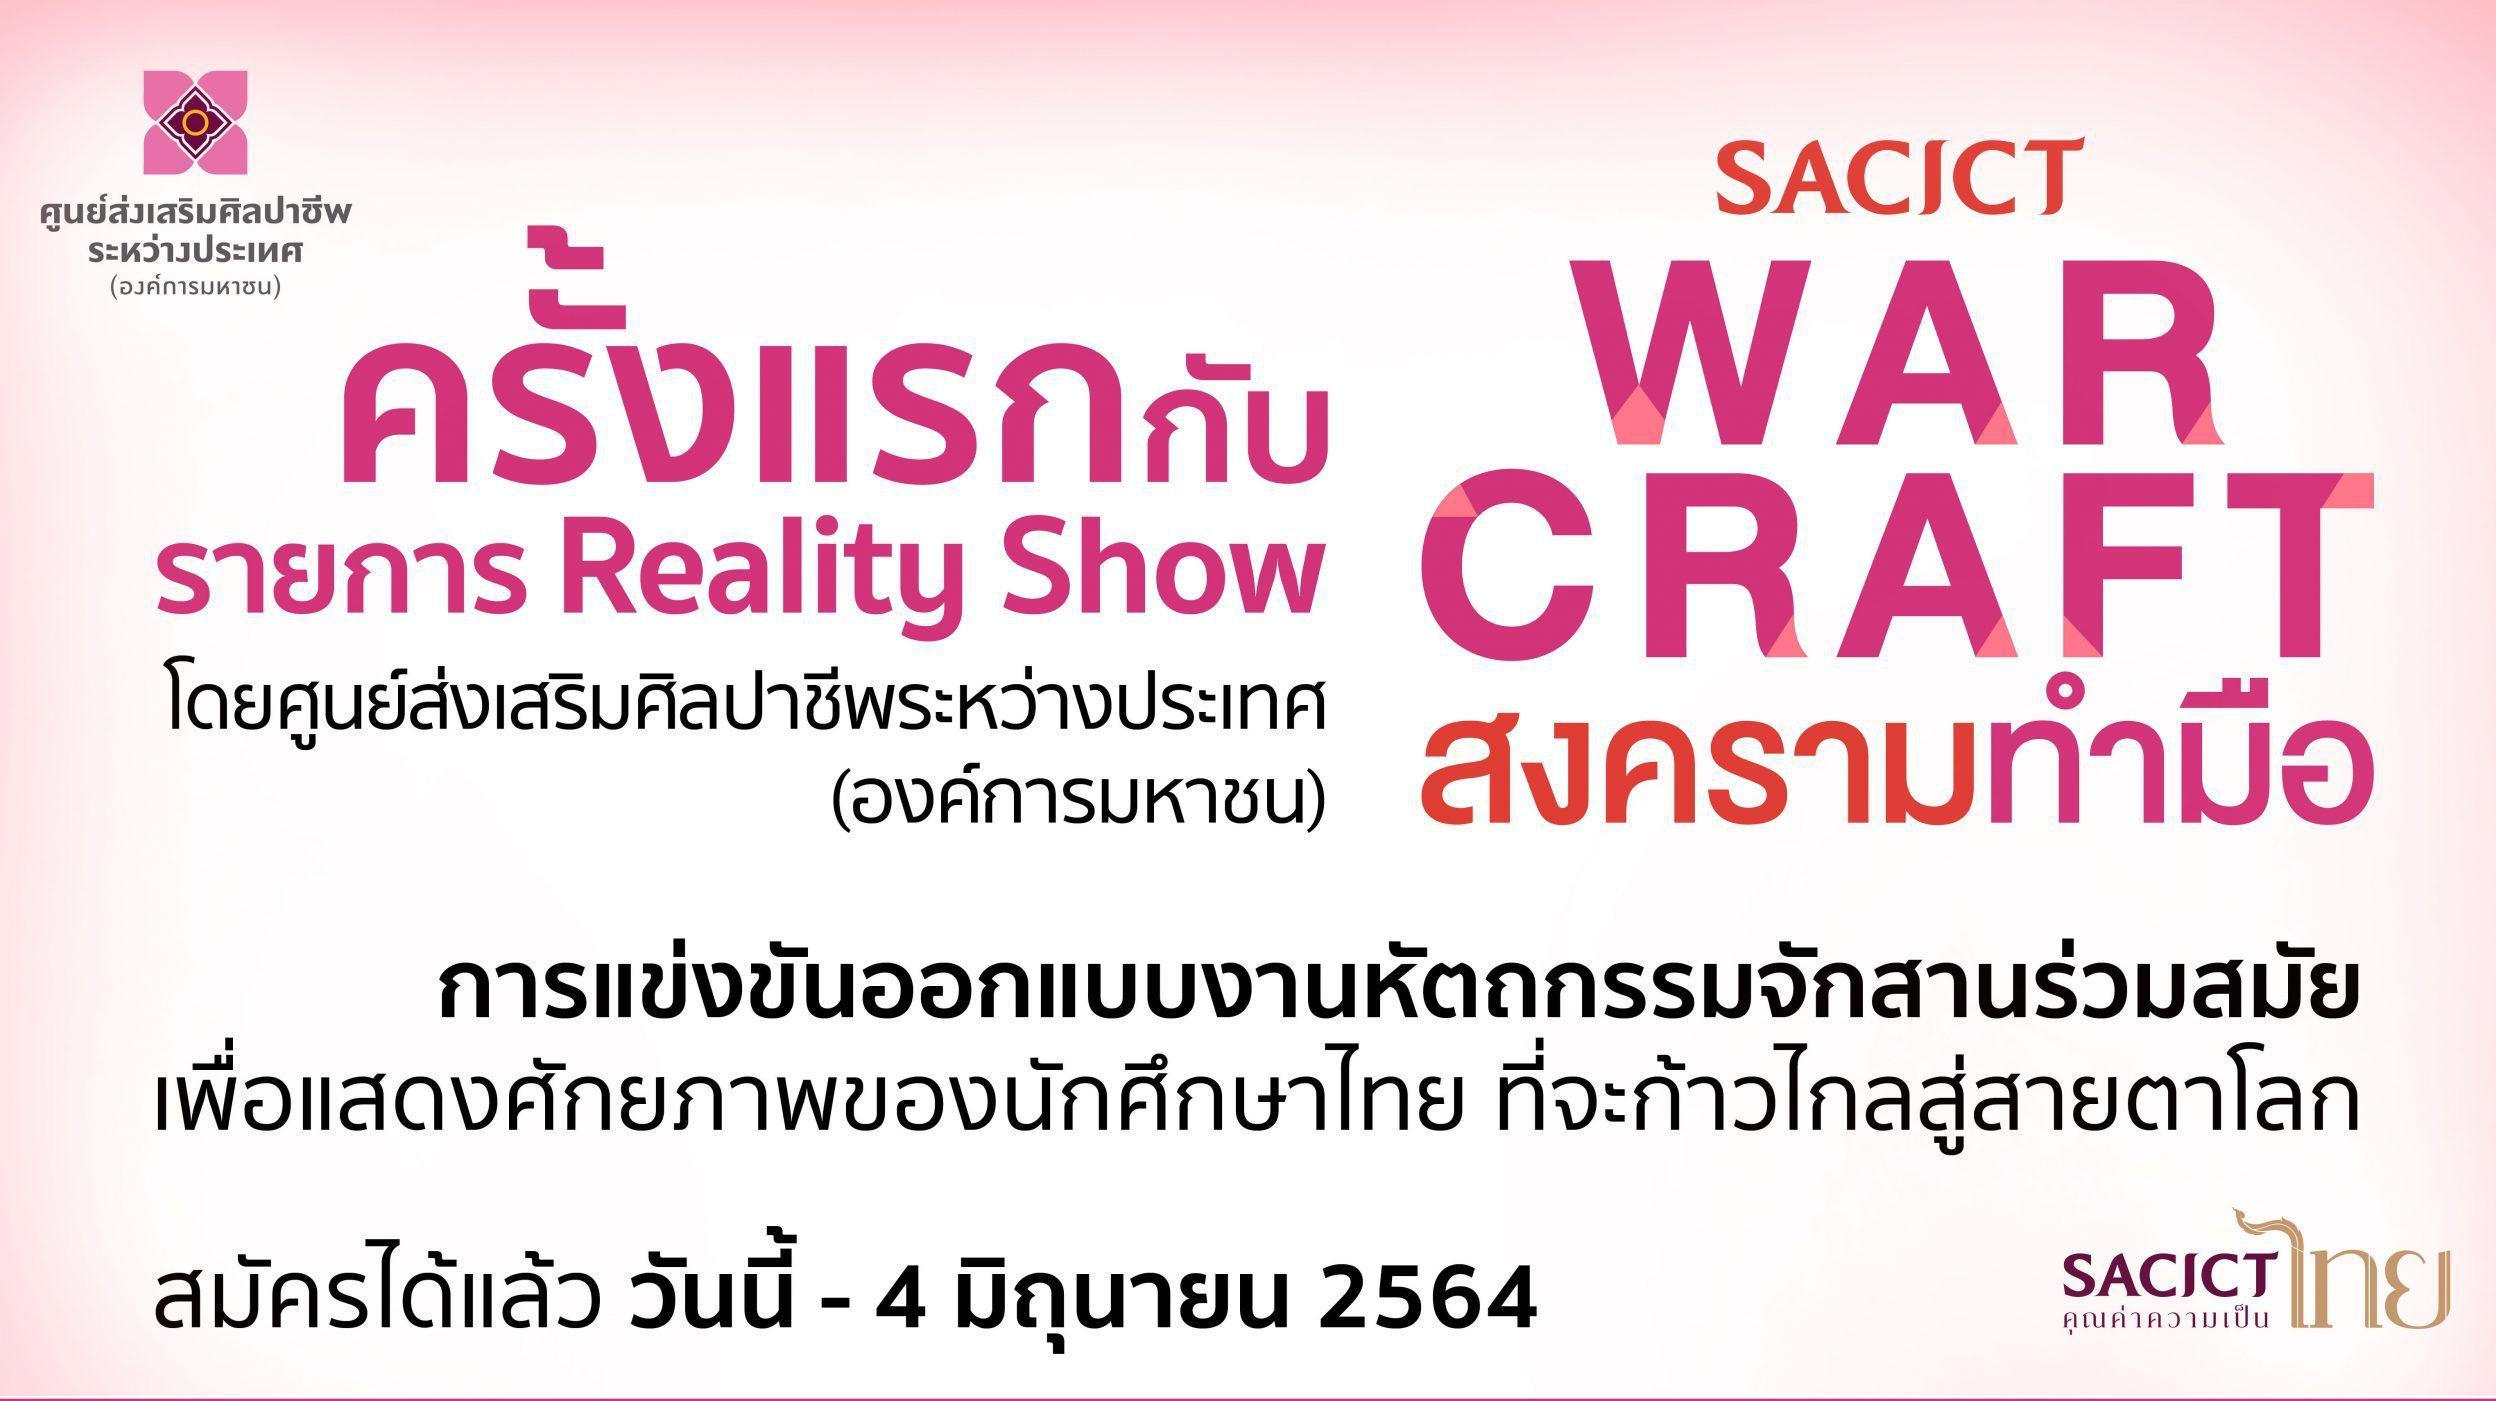 """ศูนย์ส่งเสริมศิลปาชีพระหว่างประเทศ (องค์การมหาชน)ชวนนิสิต นักศึกษา ร่วมแข่งขันรายการ Reality Show """"SACICT WAR CRAFT สงครามทำมือ"""""""